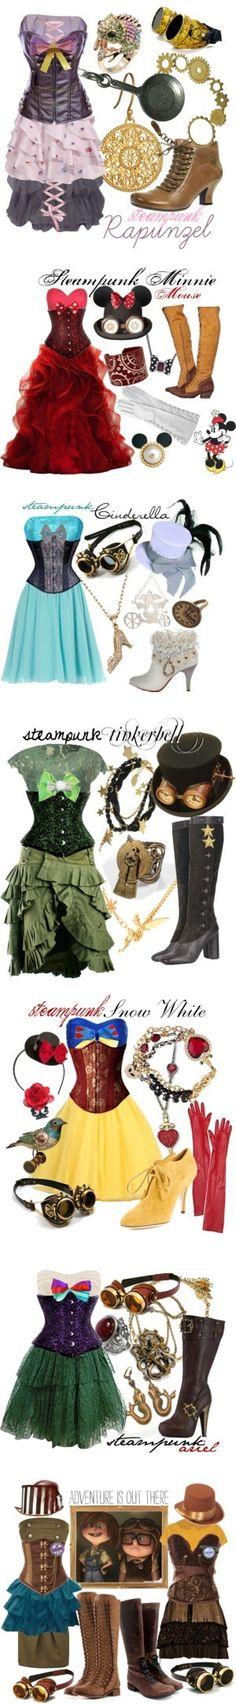 Fashion/Disney Steampunk style